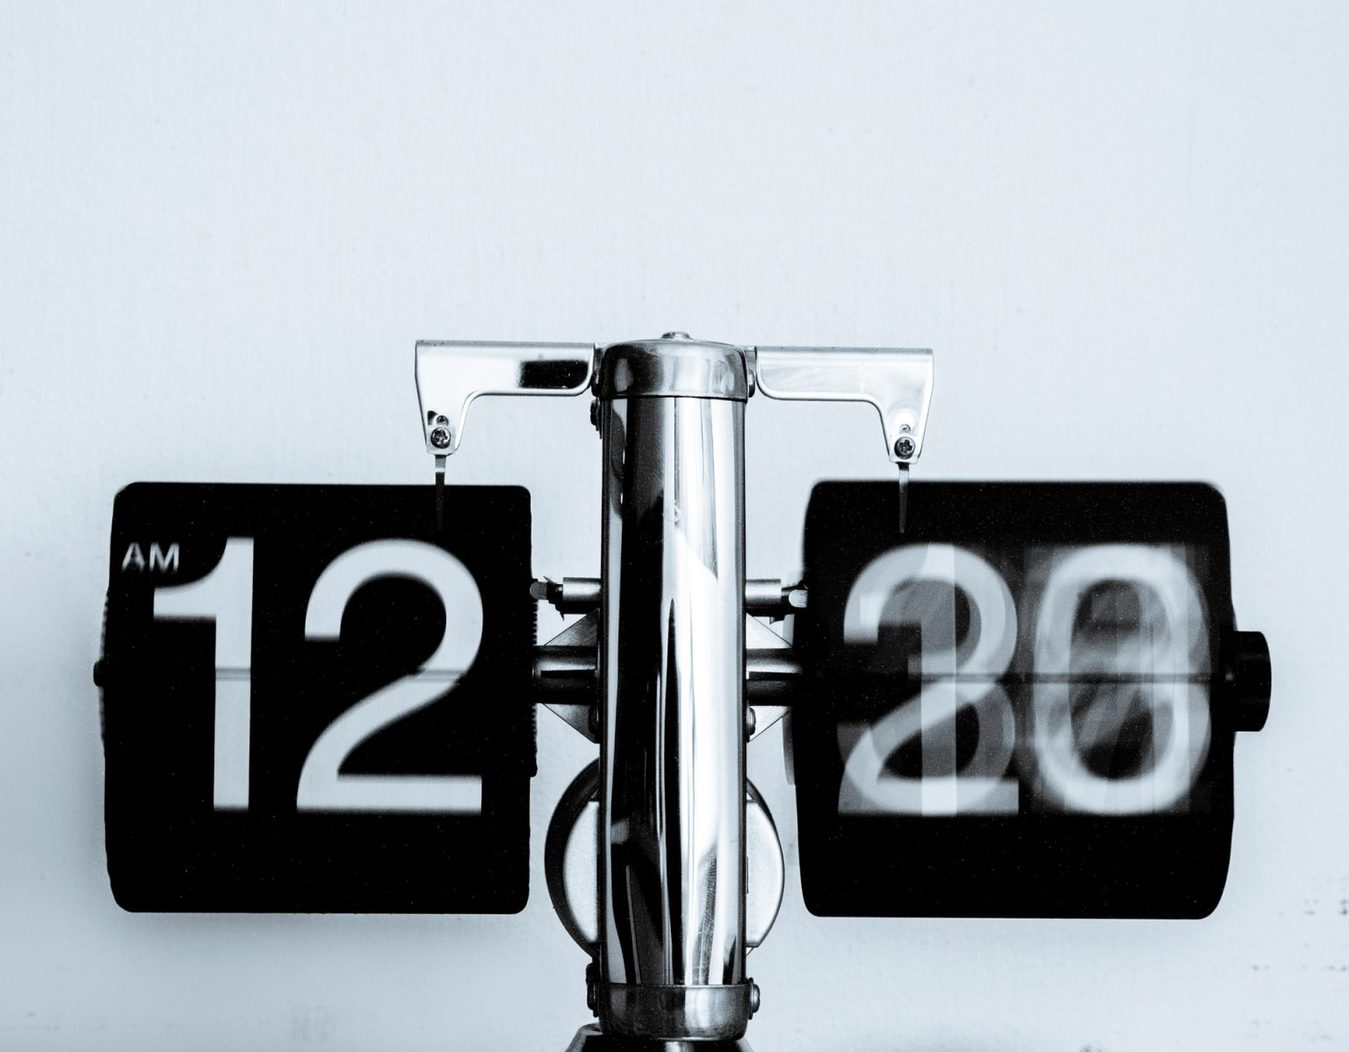 Zegar analogowy w kolorze czarno-białym